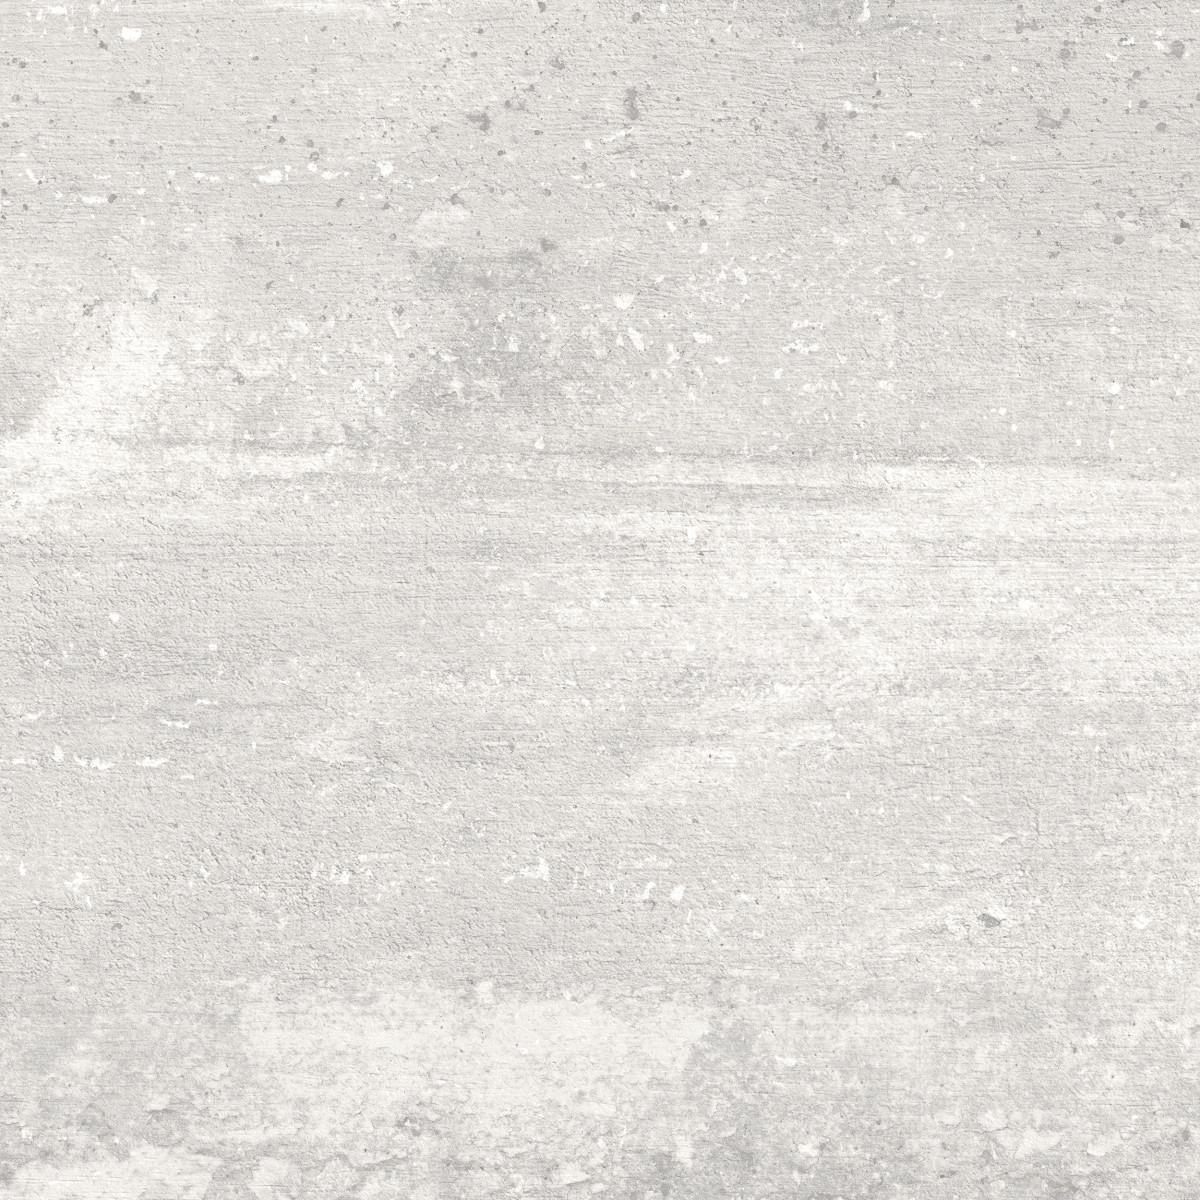 Sanchis Concrete Blanco 45x45 см